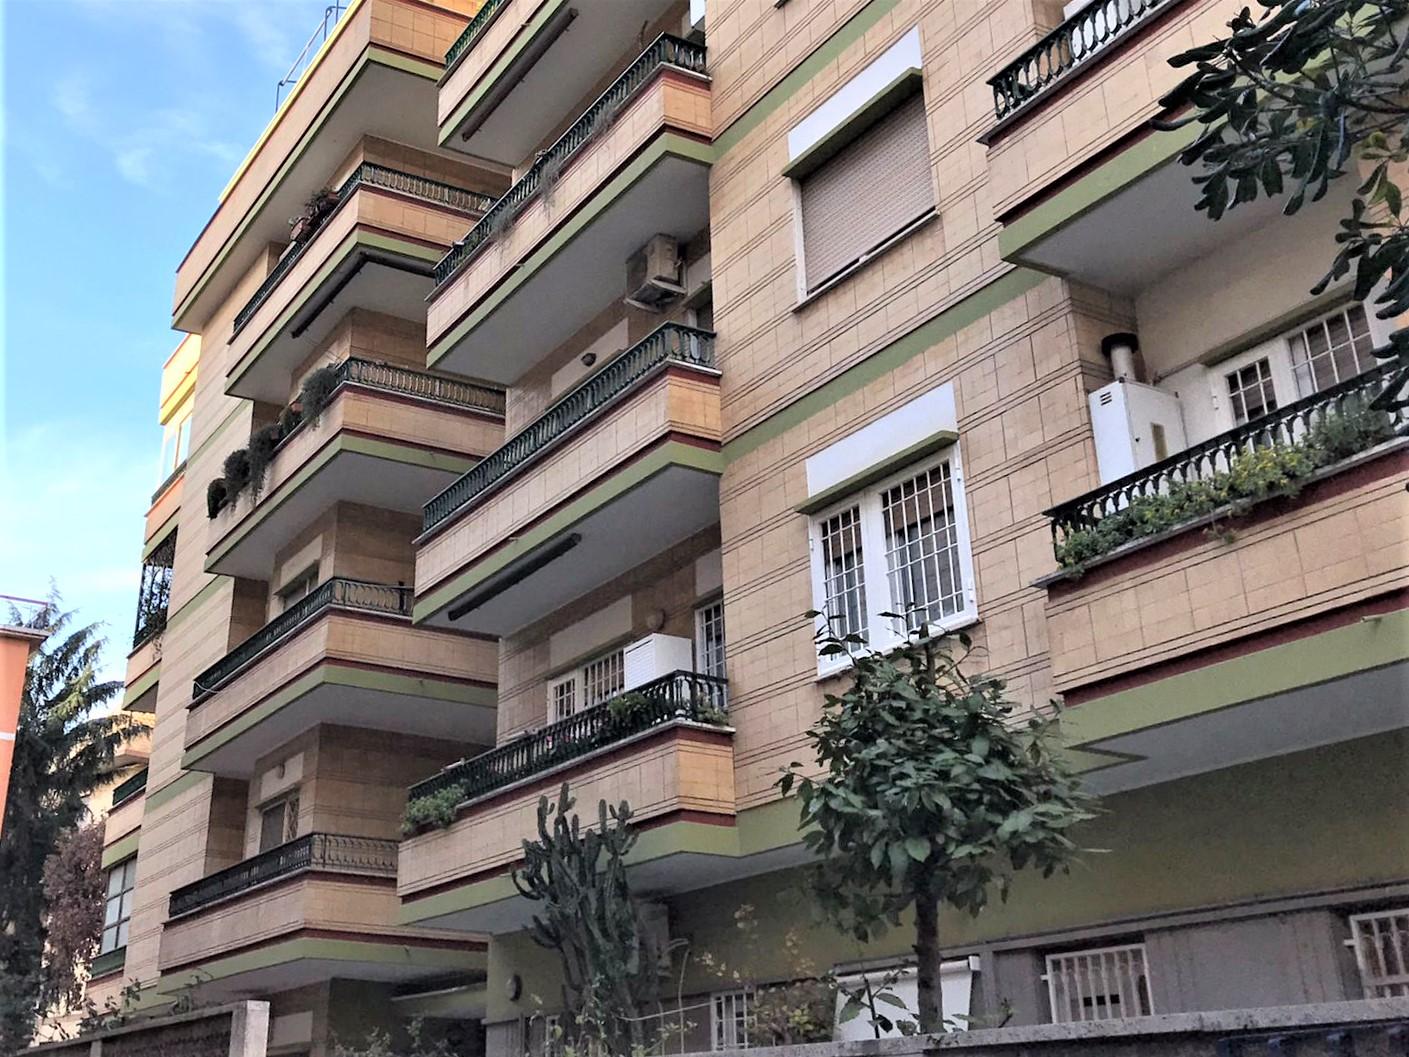 Ostia ponente, via dei Panfili, trilocale non arredato, con balcone e terrazzo.